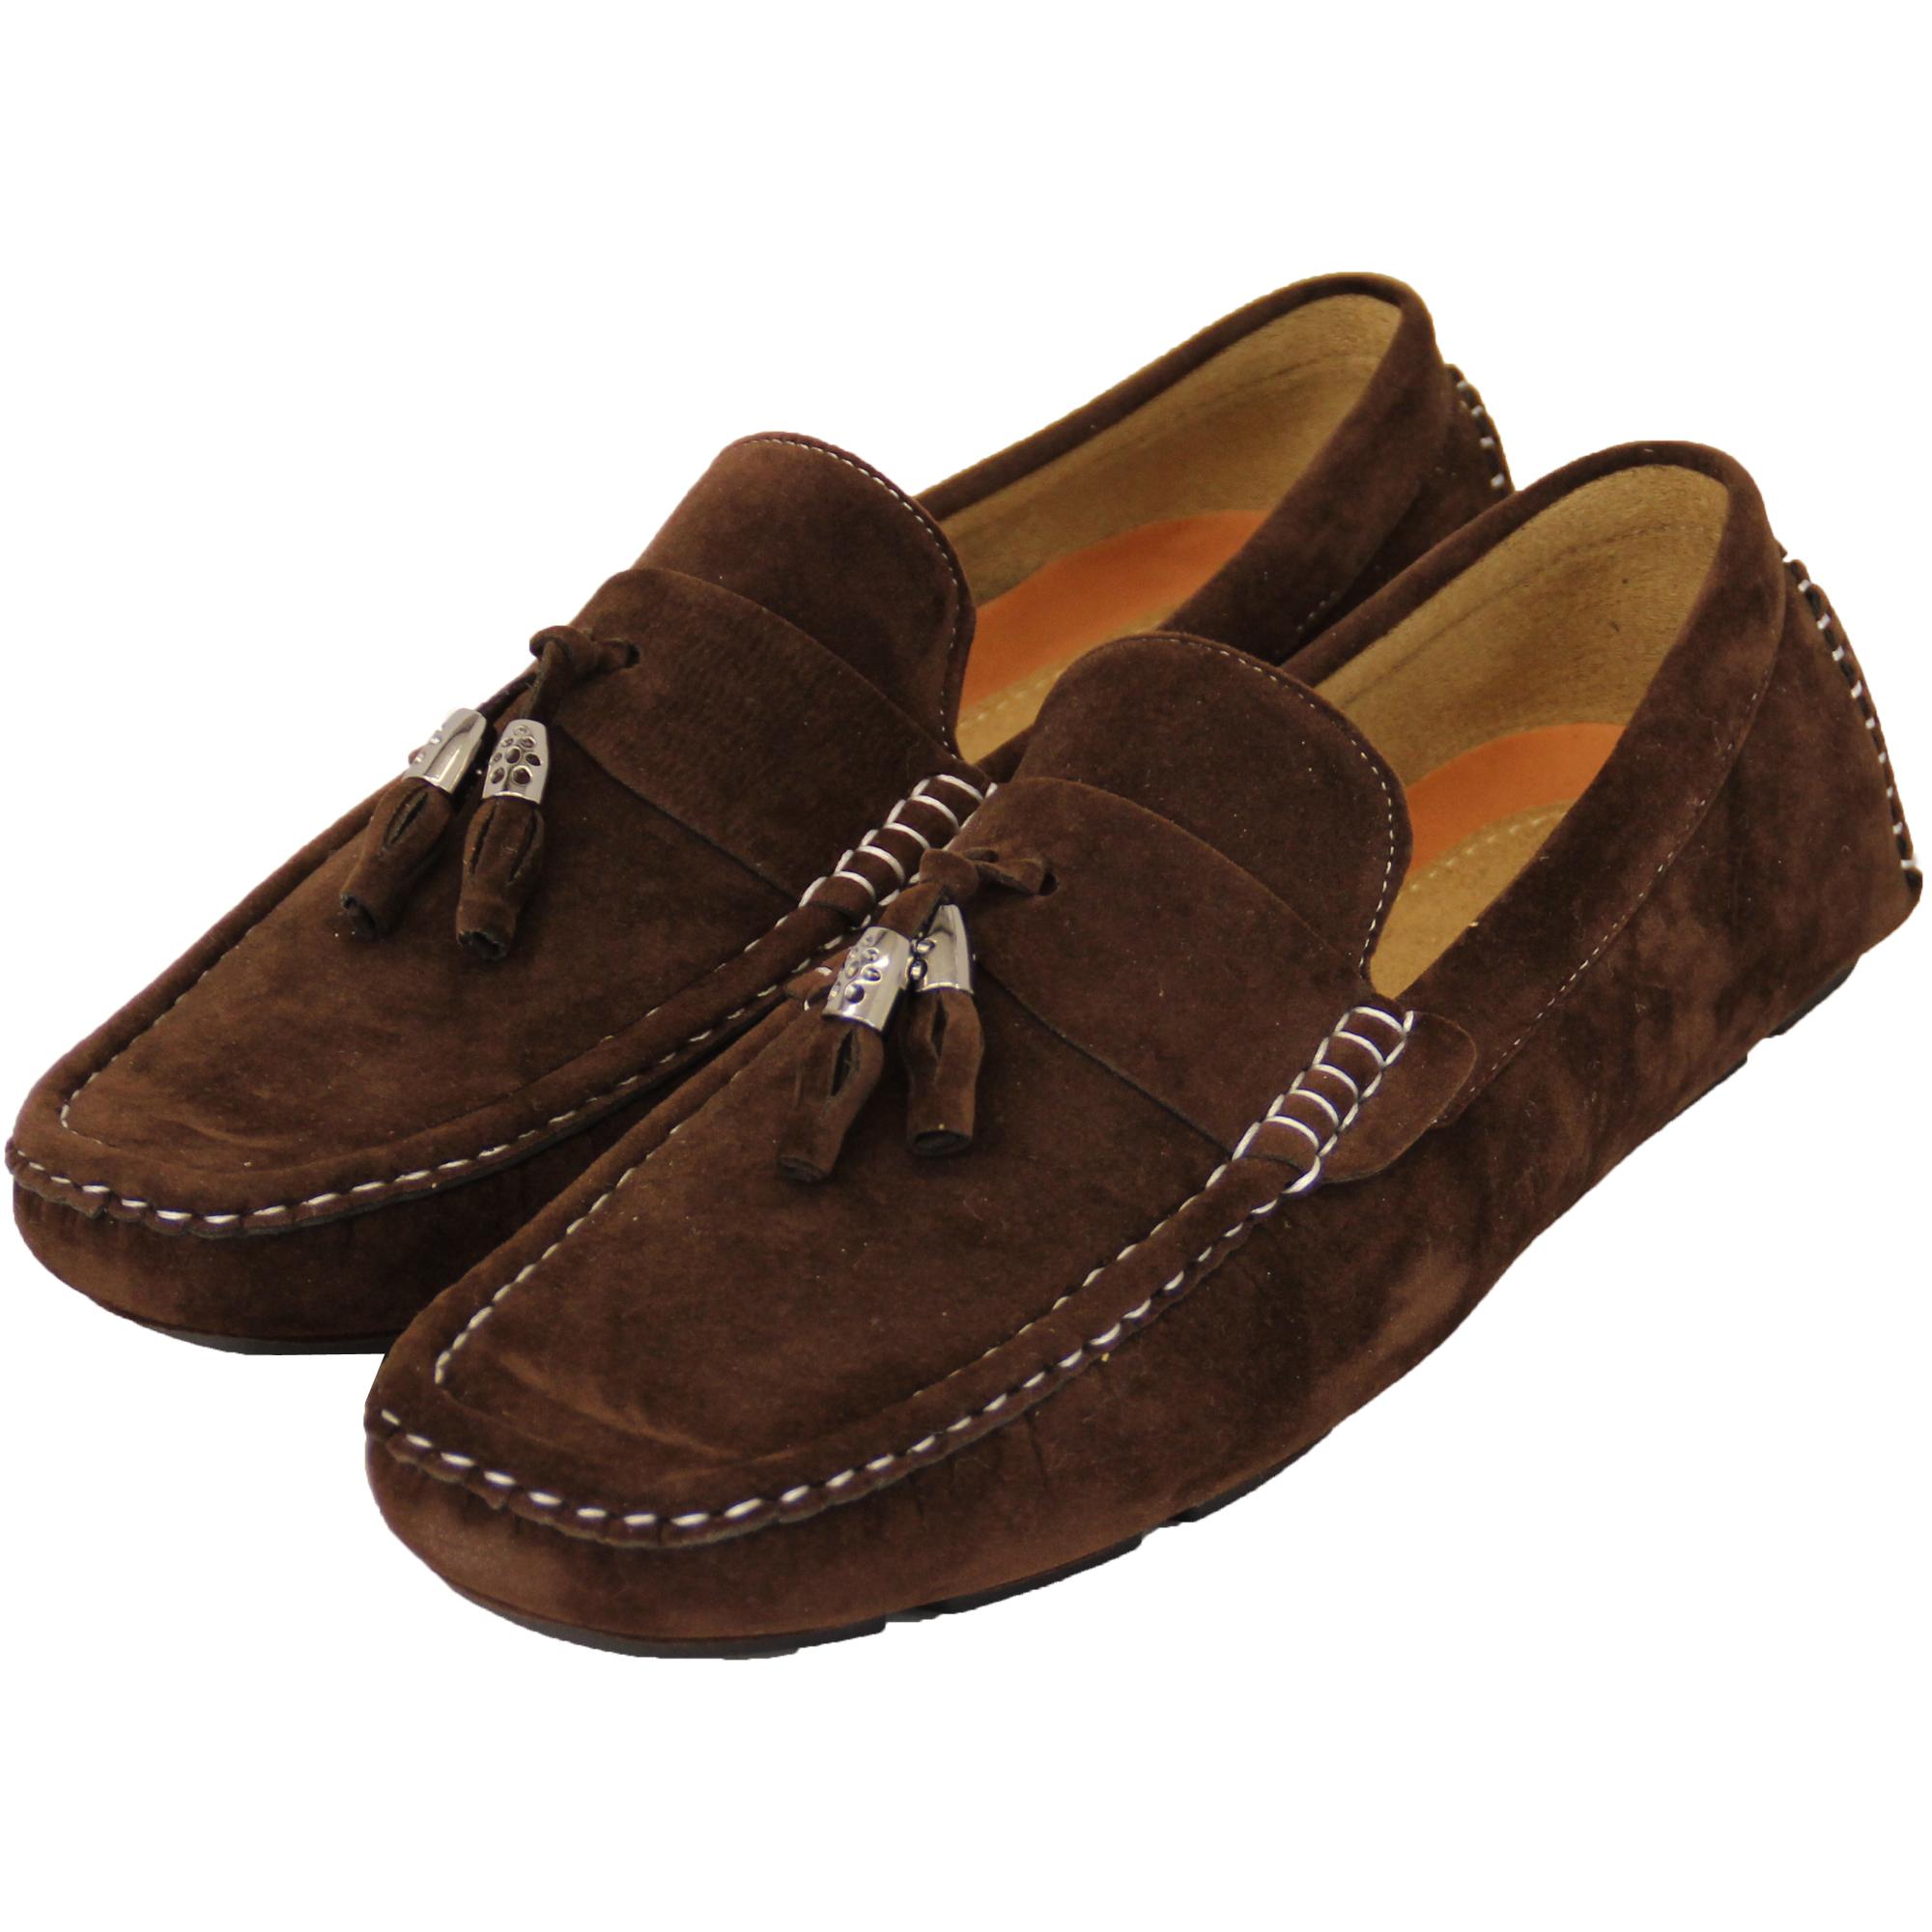 Men S Slip On Moccasin Shoes